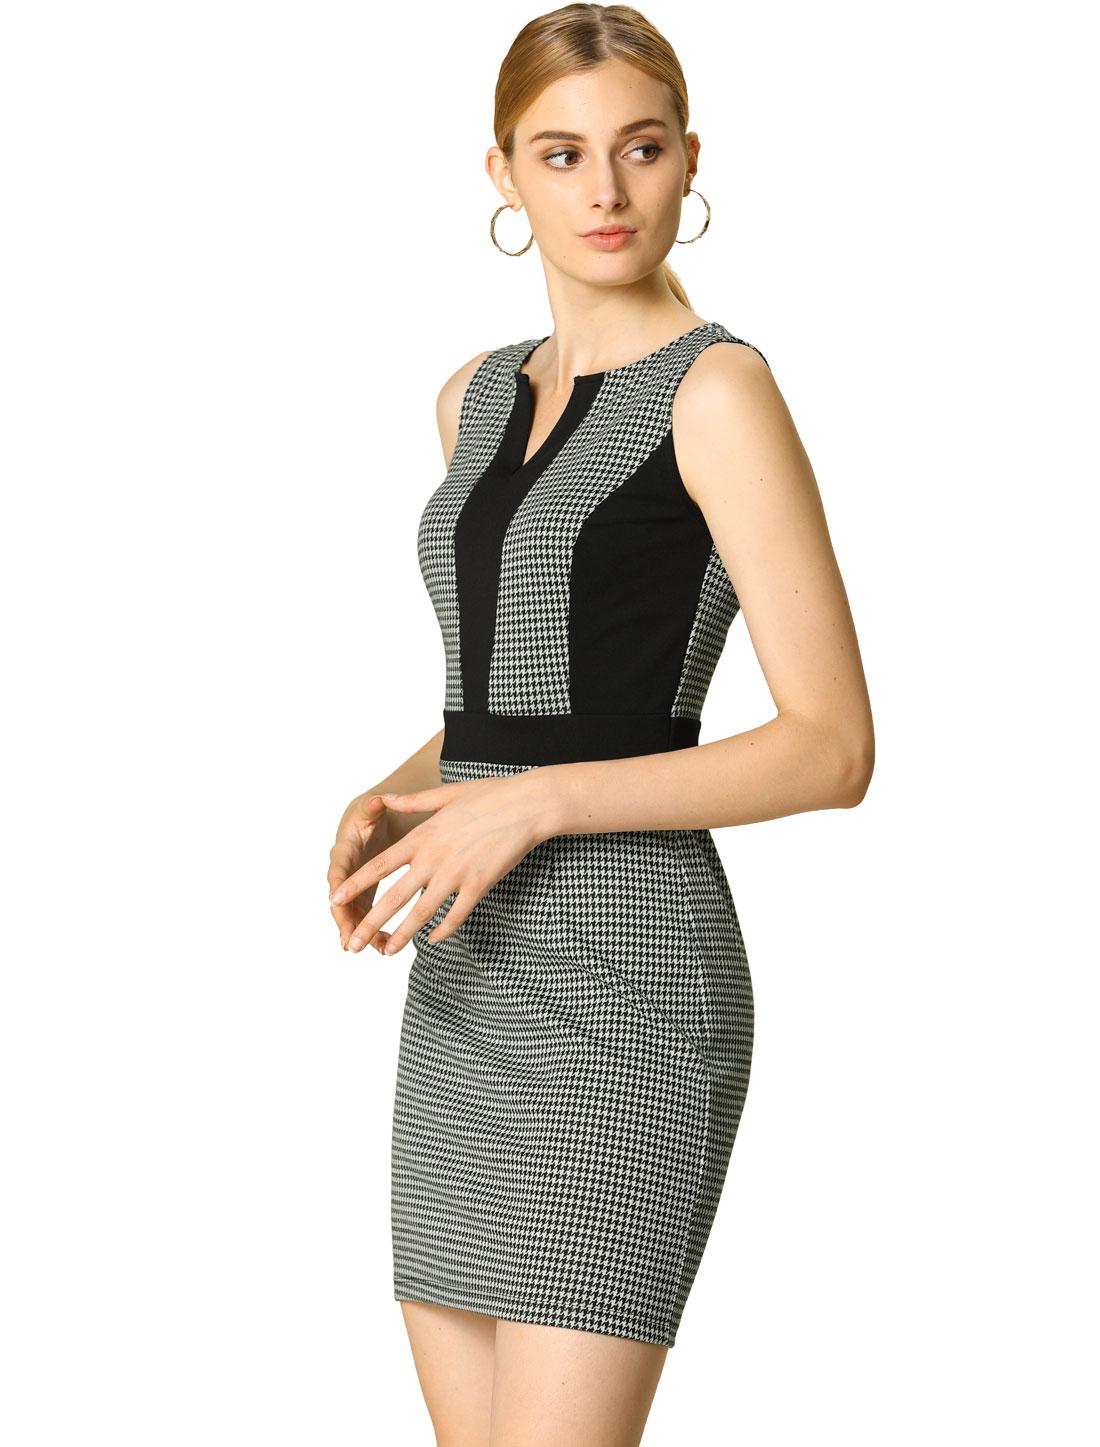 Allegra K Women's Sleeveless Houndstooth Business Dress Black/White XS